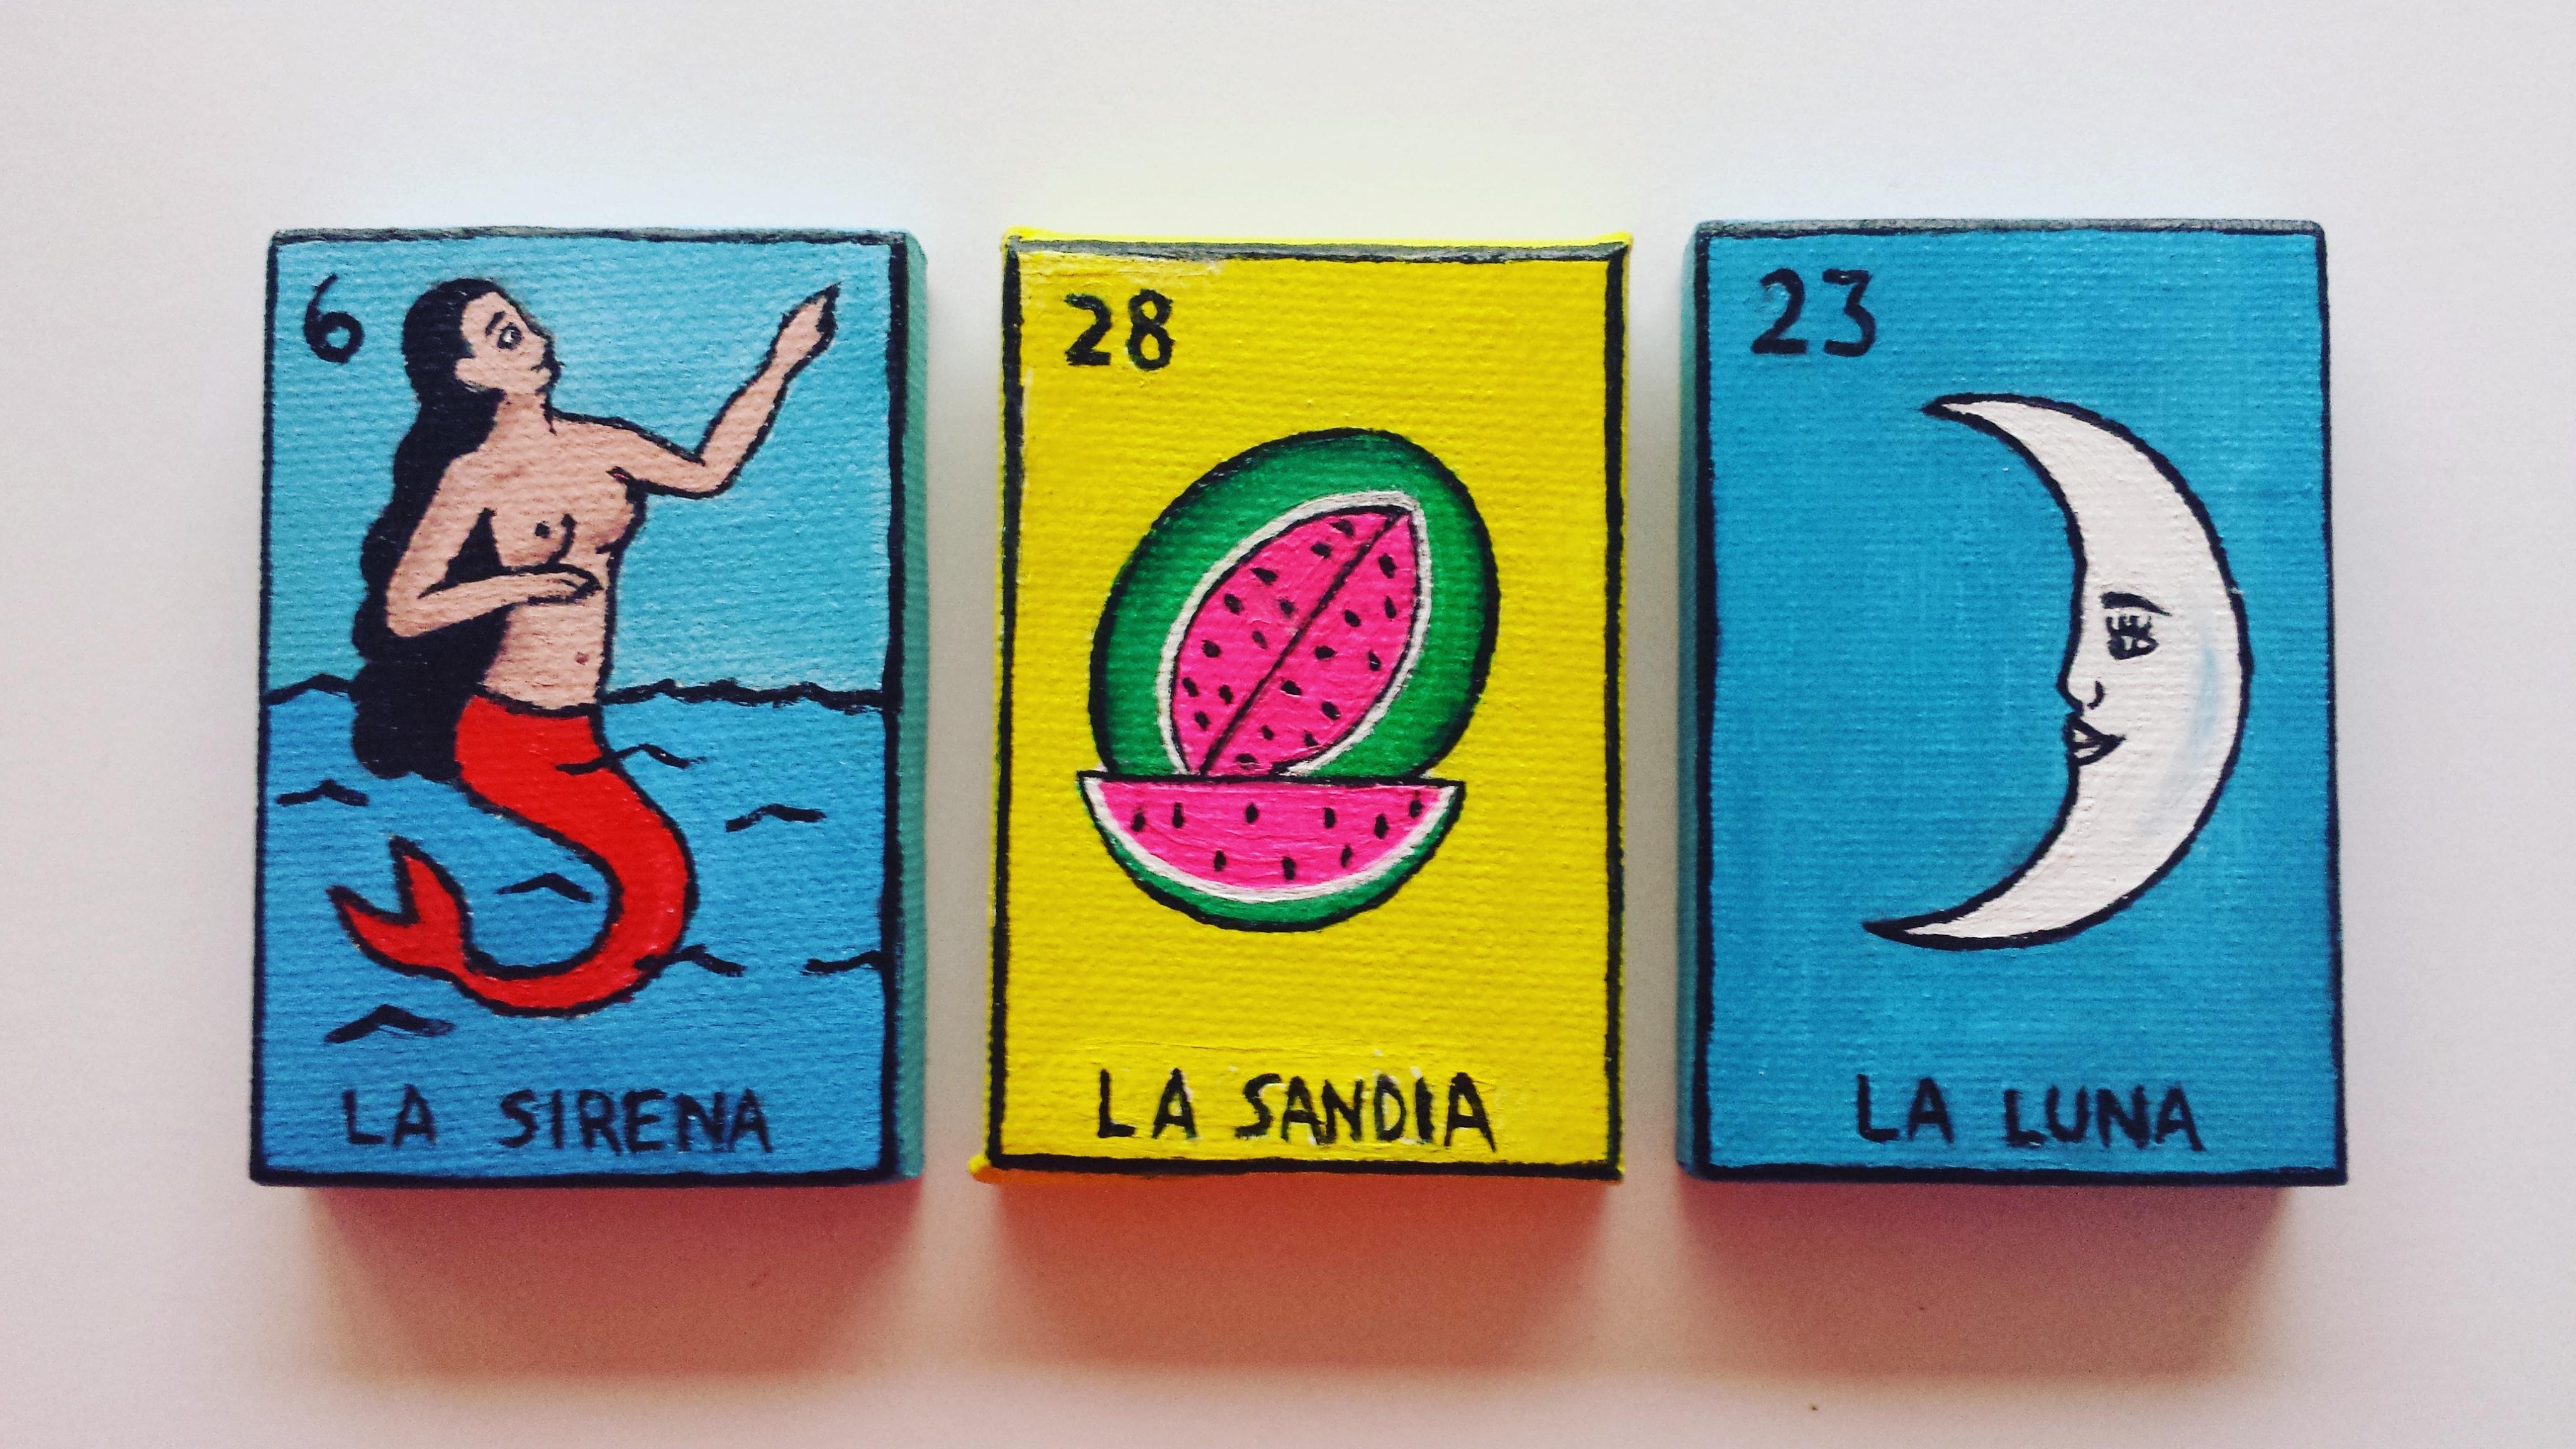 La Sirena, La Sandia, La Luna